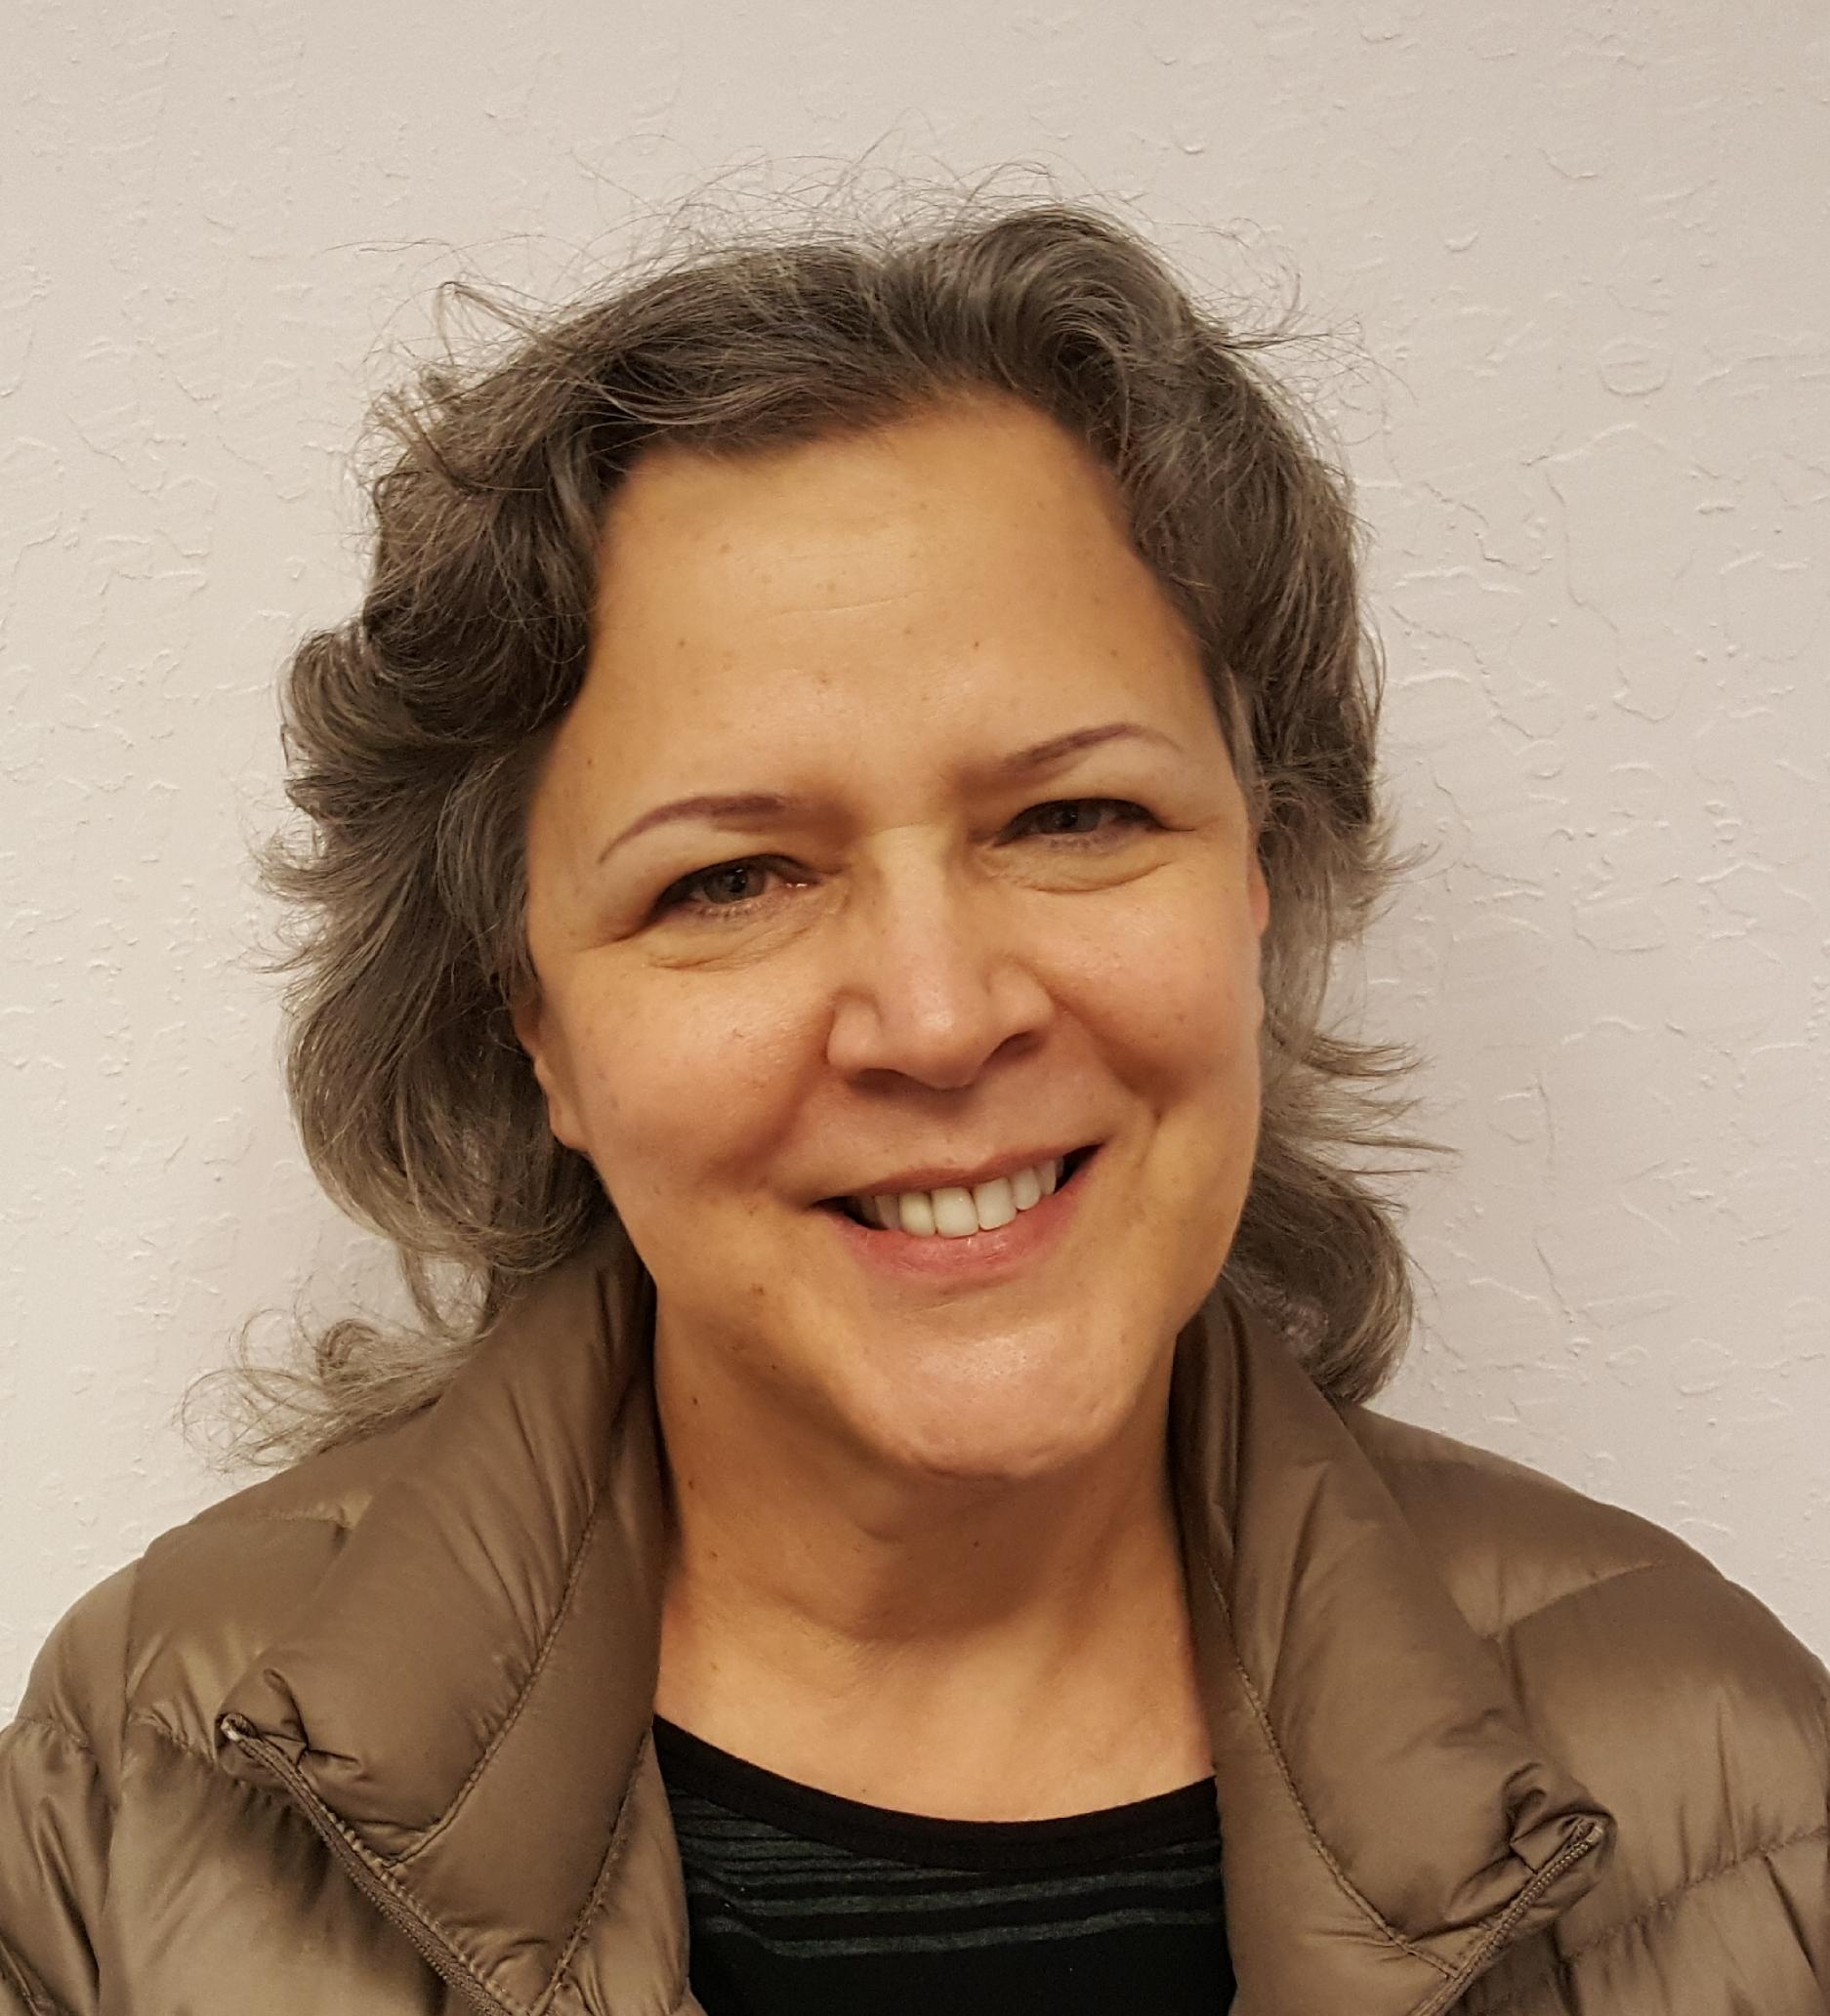 Zena Tarasena